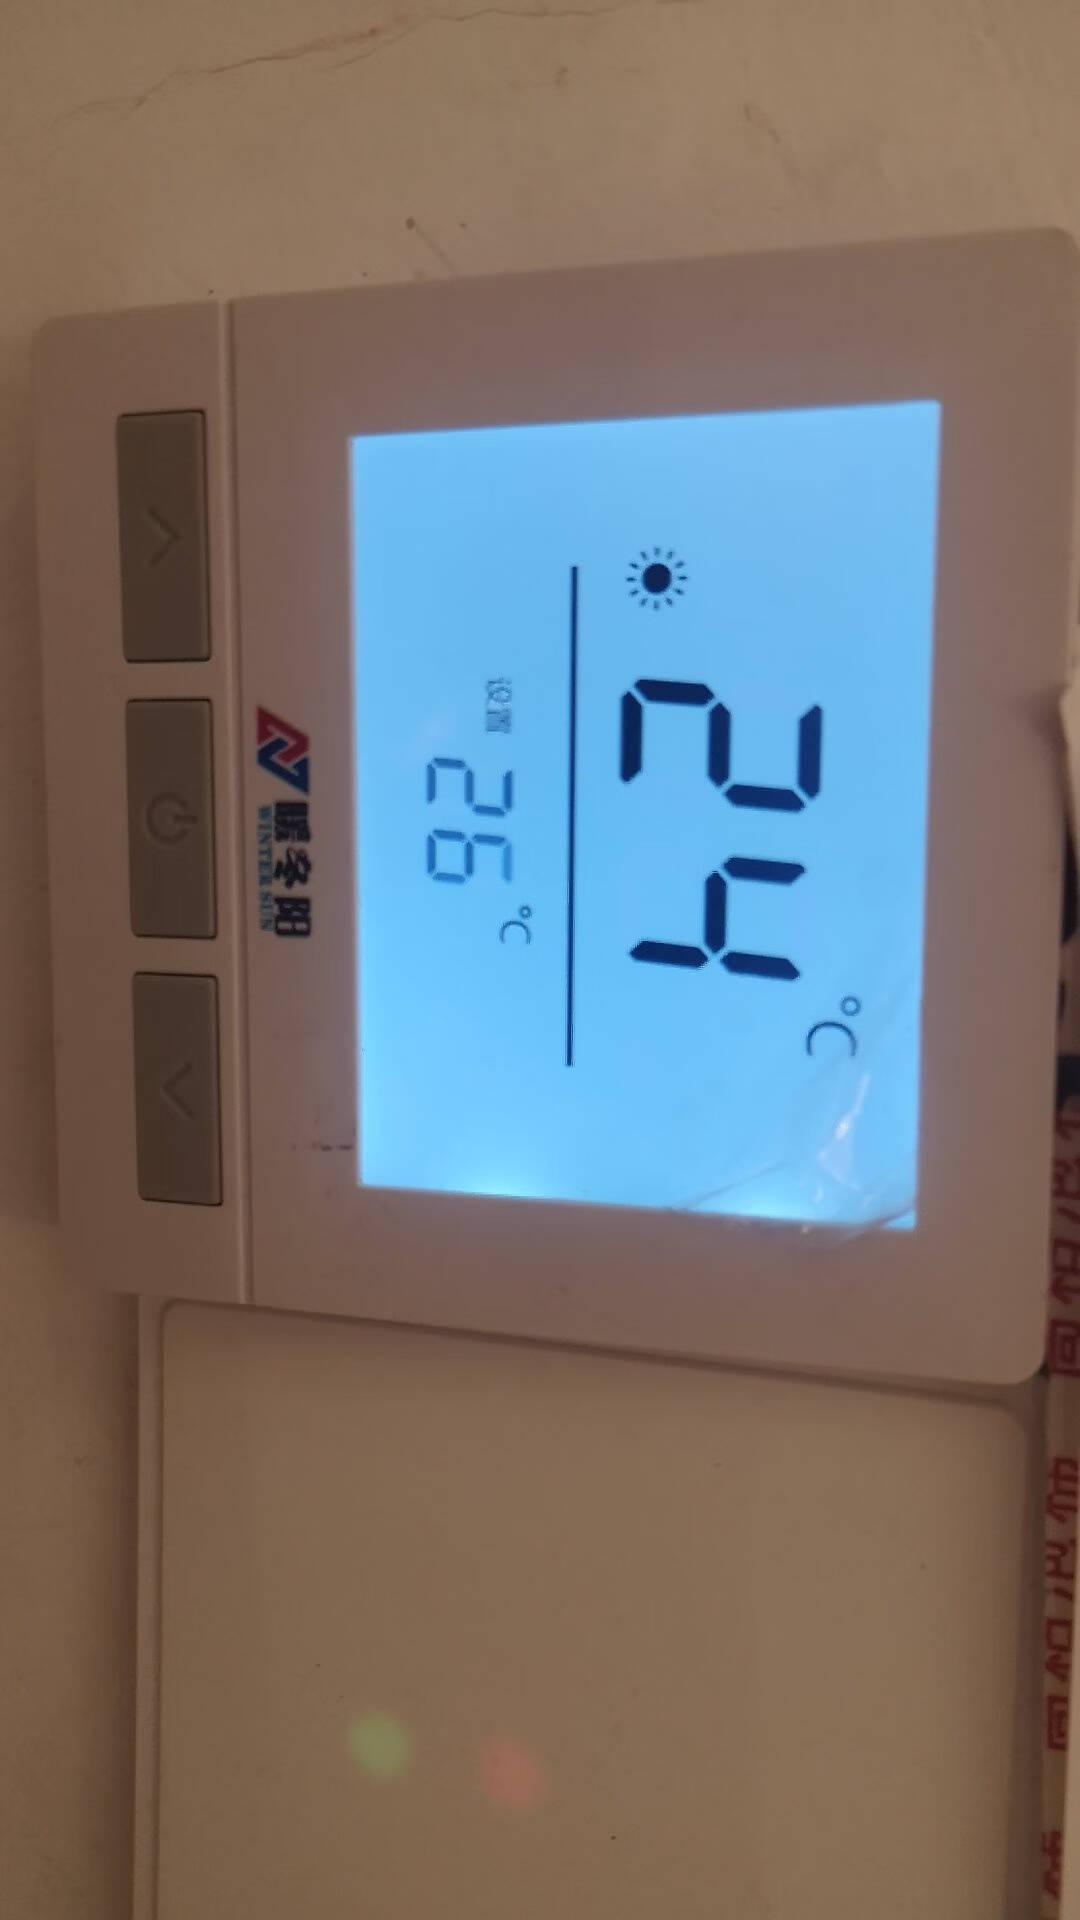 暖冬阳石墨烯地暖电热膜家用电地暖发热膜智能可分区控温1㎡起售(定制请咨询客服)黑色